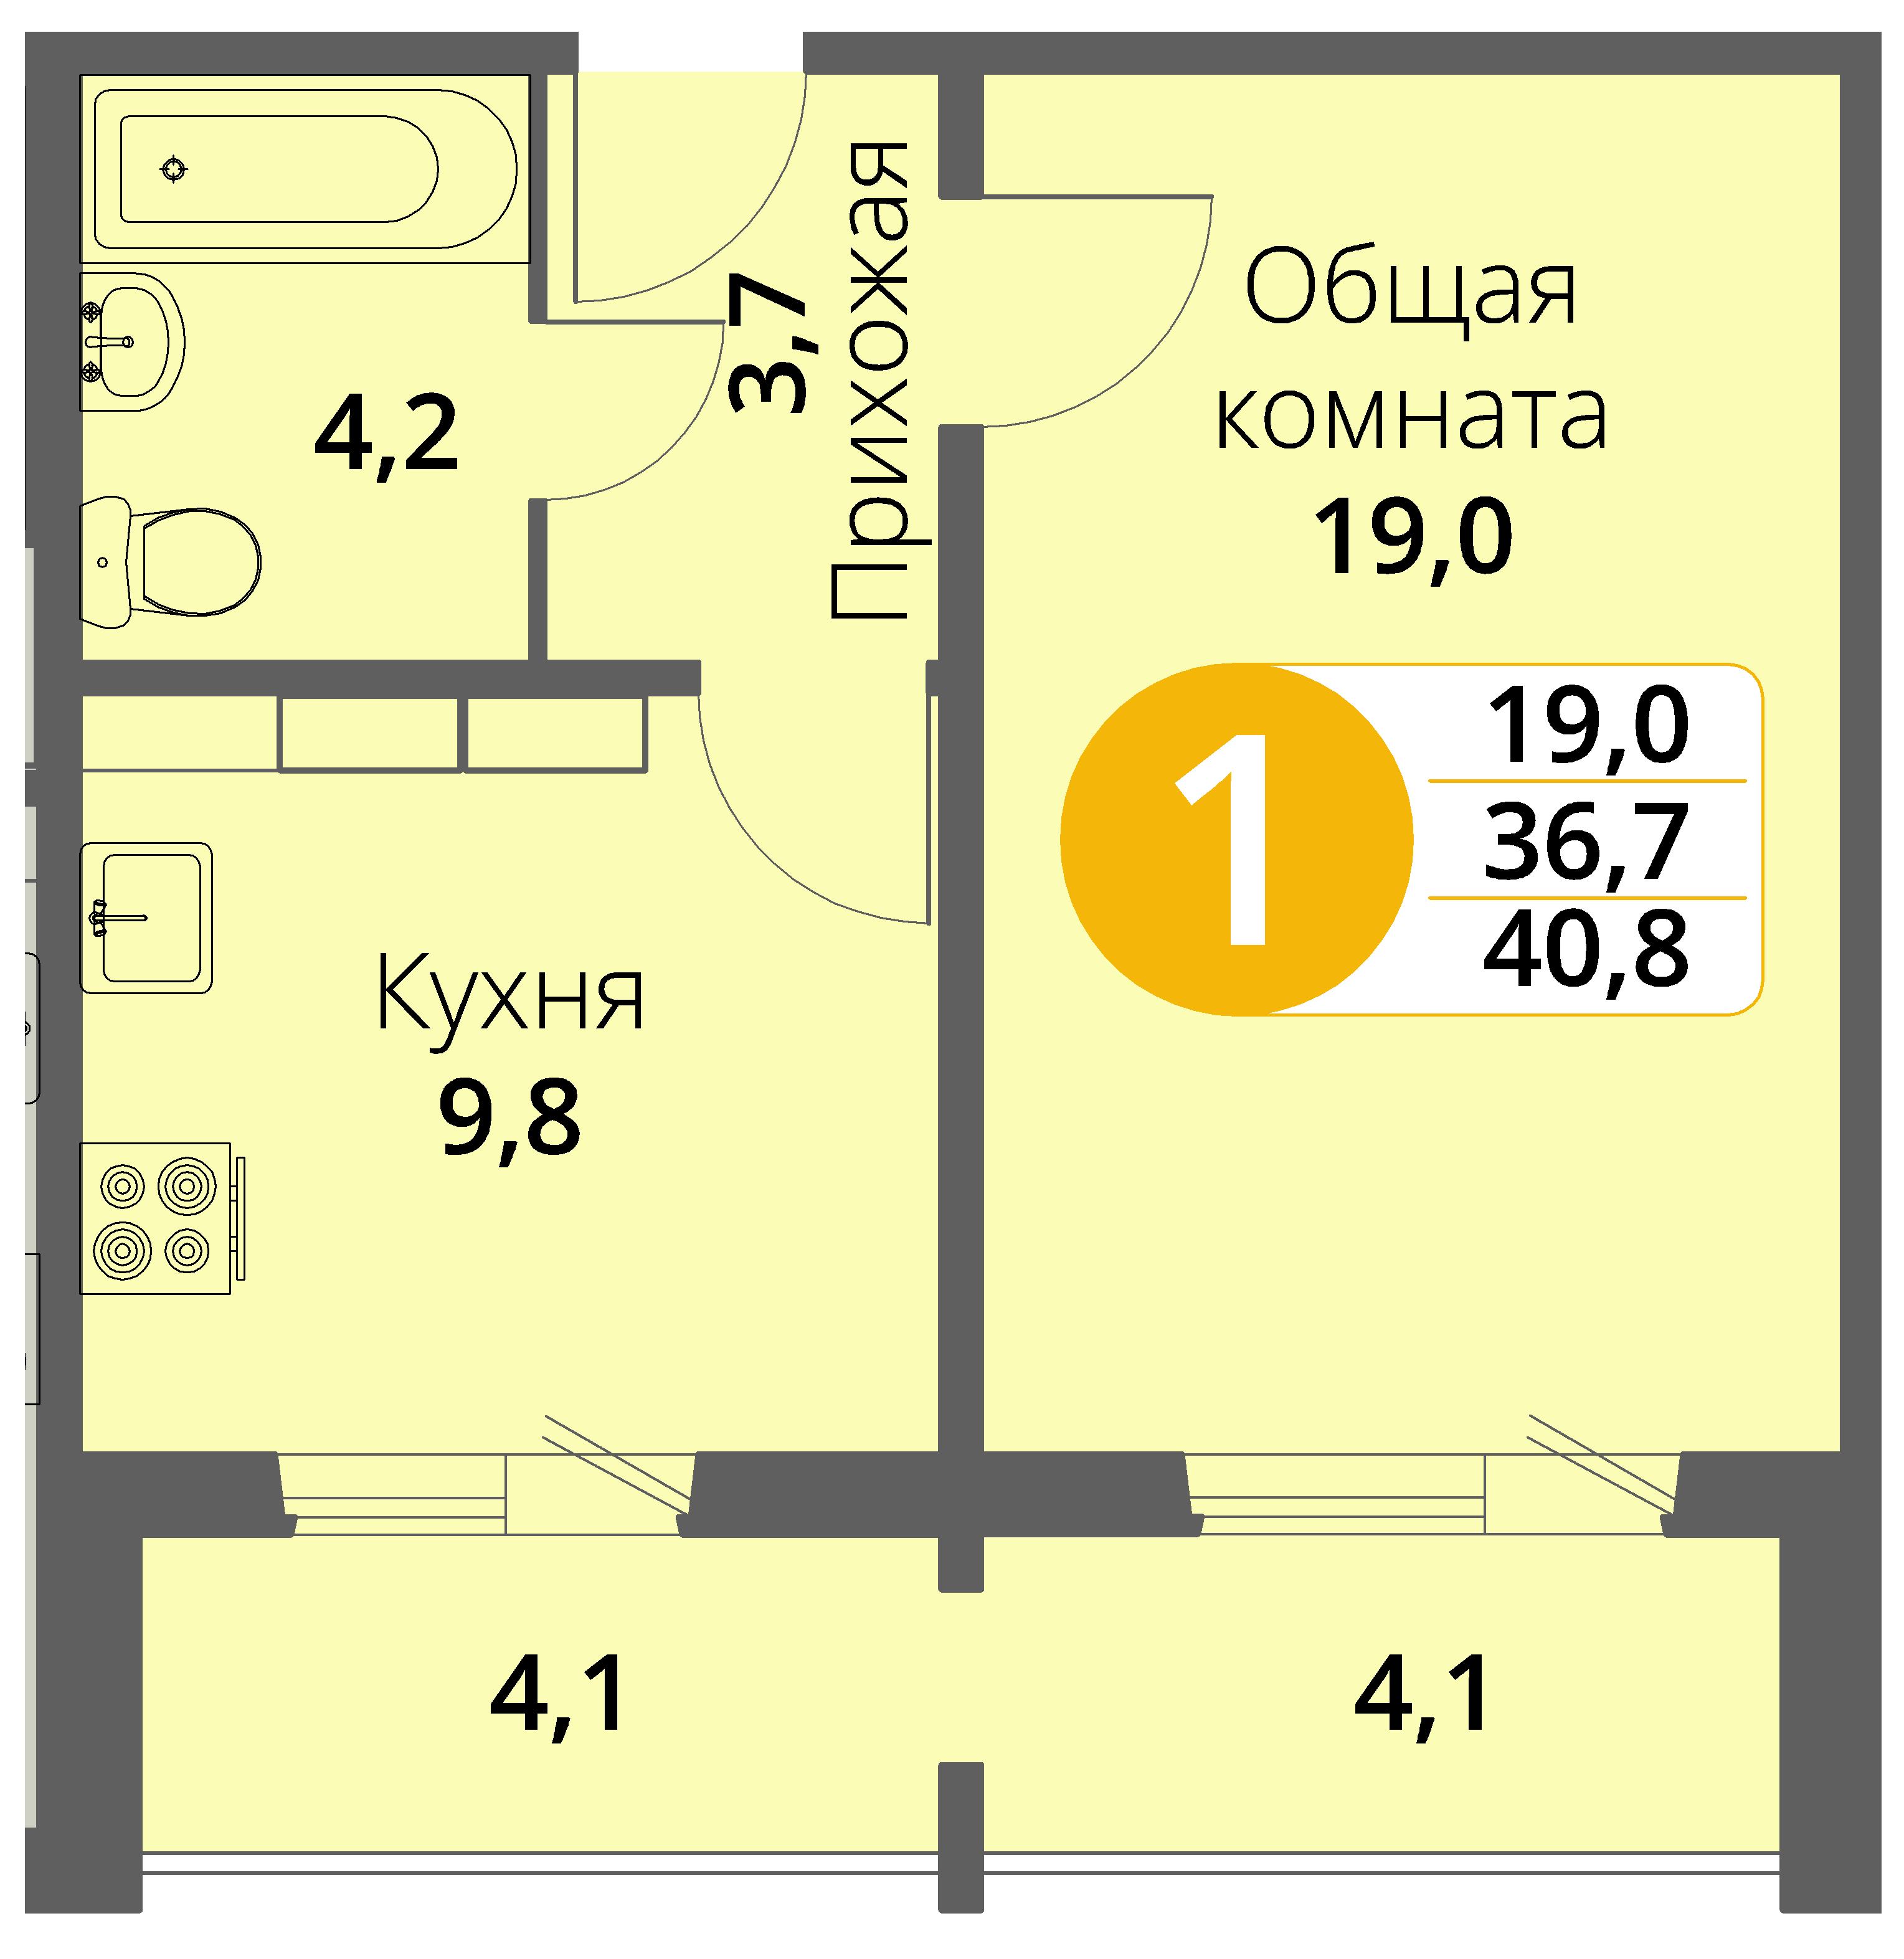 Зареченская 1-2, квартира 178 - Однокомнатная